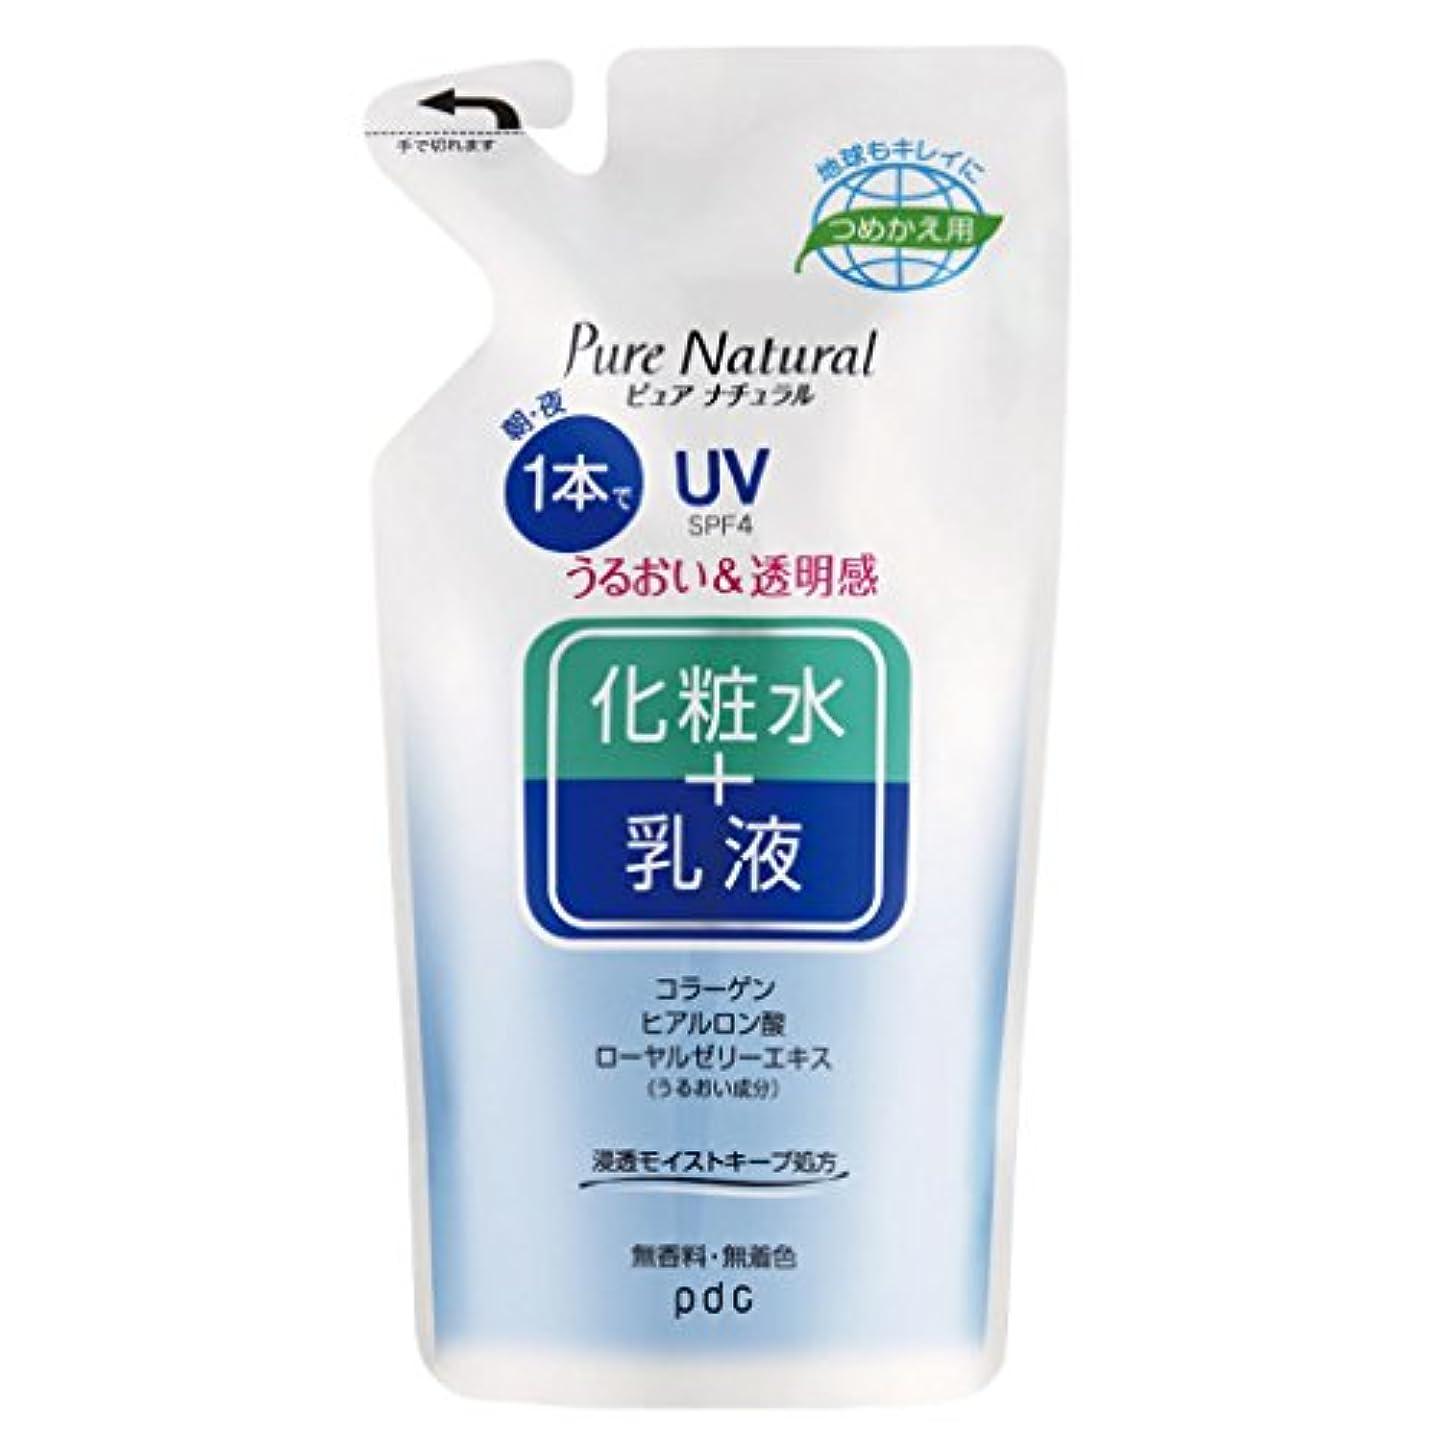 不器用遺産通信網Pure NATURAL(ピュアナチュラル) エッセンスローション UV (つめかえ用) 200mL